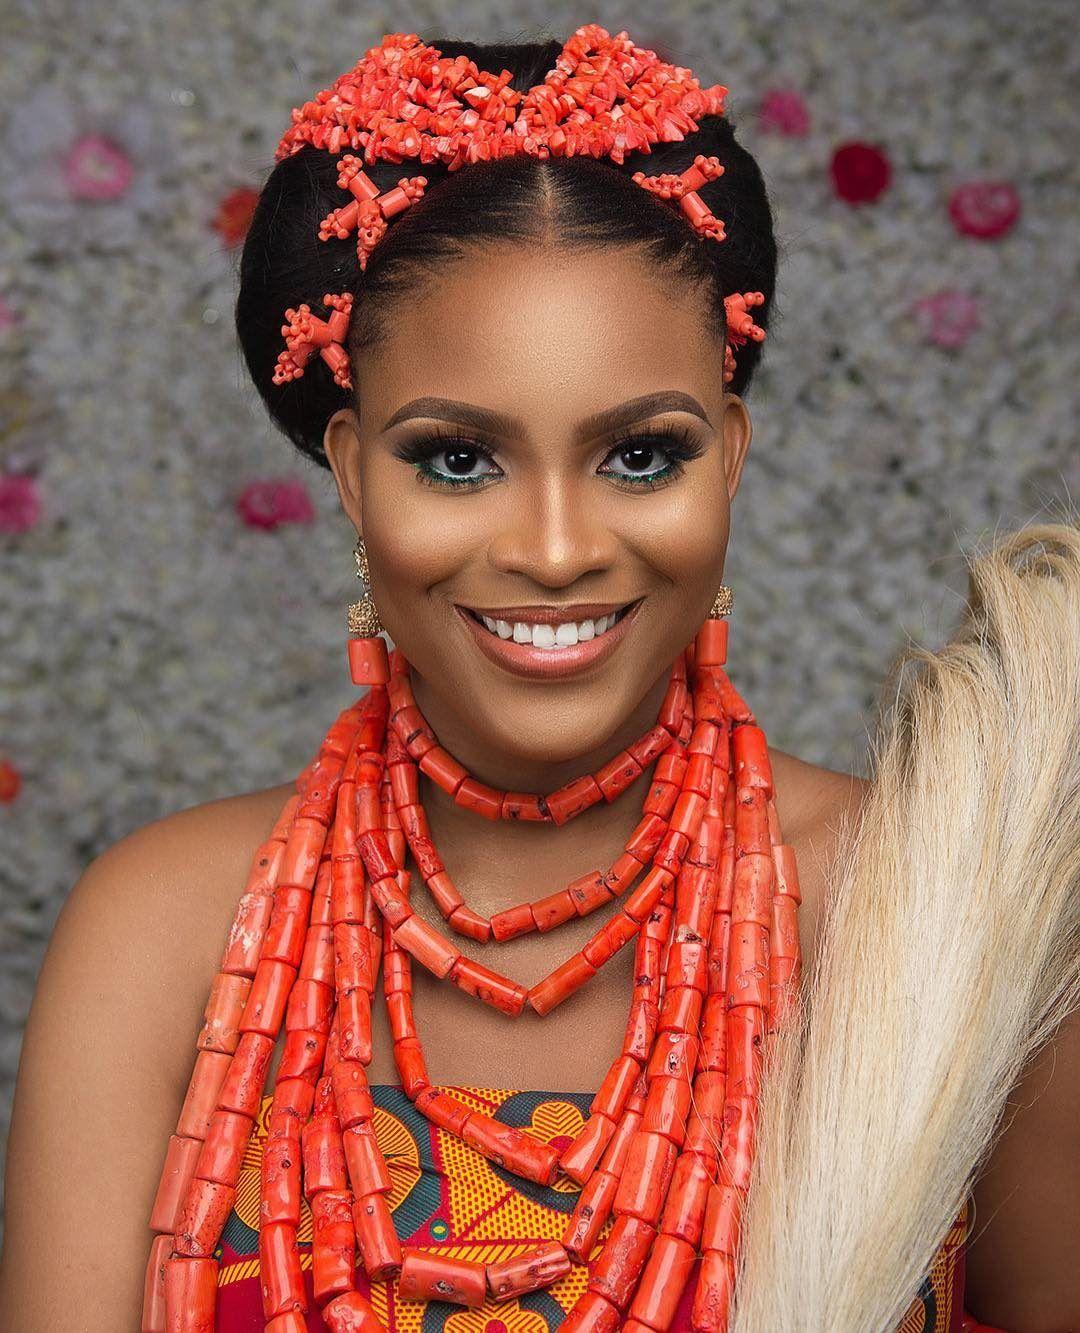 igbo brides need to see this bridal beauty!   bellanaija